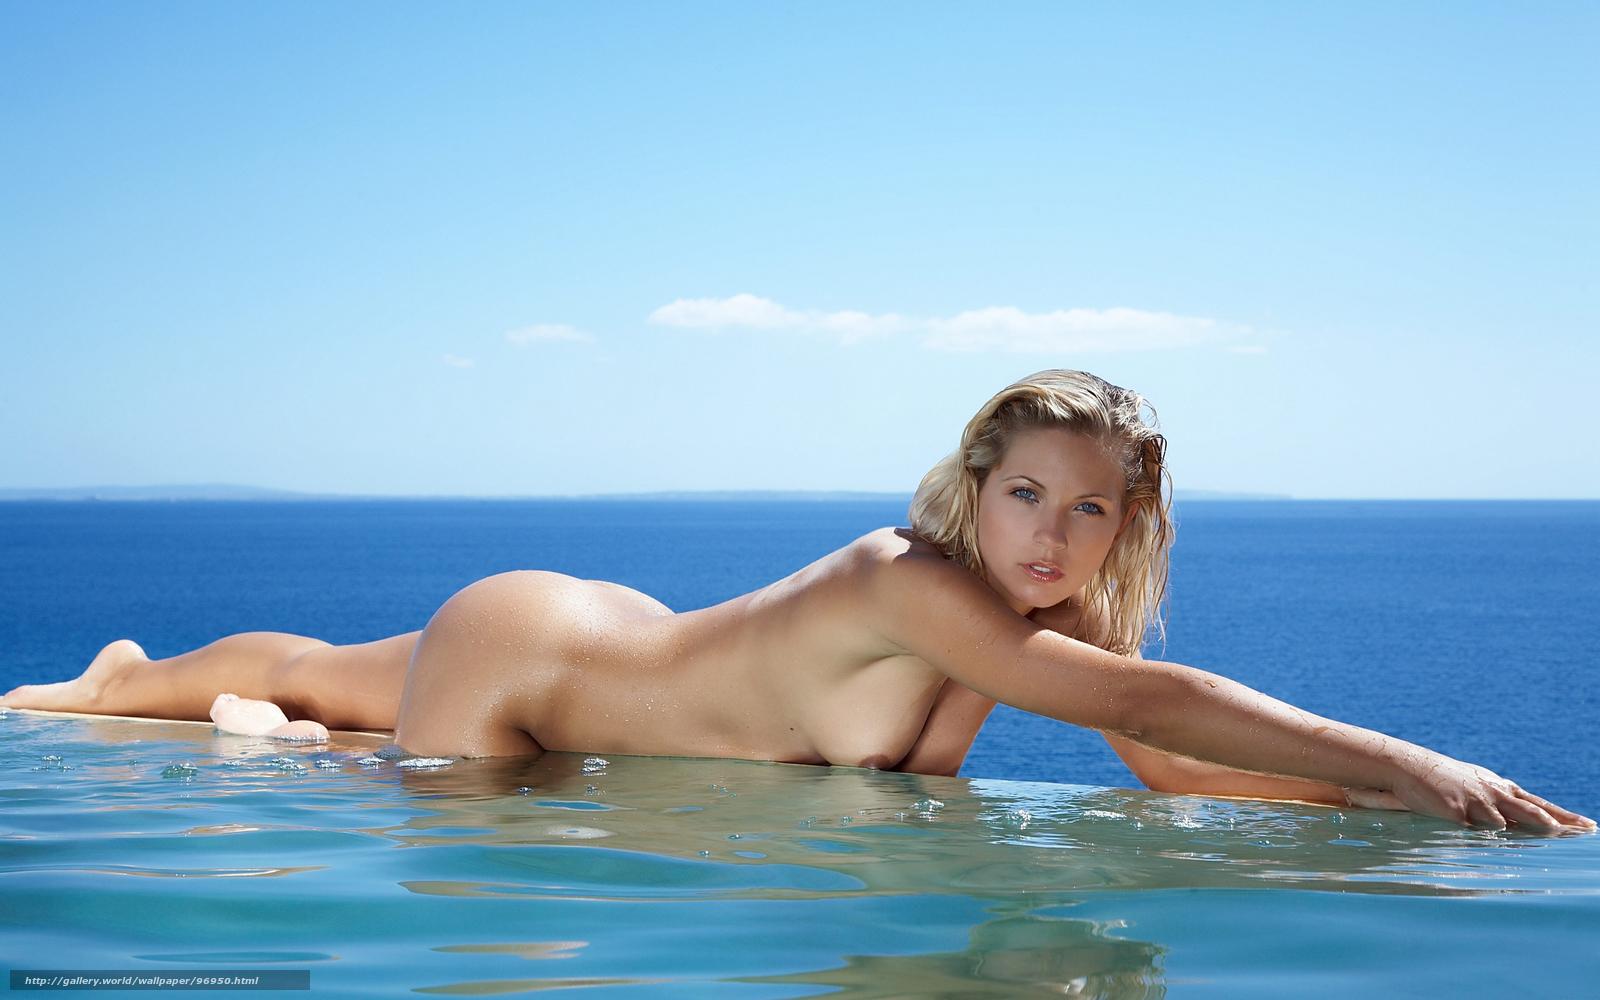 golie-telki-na-more